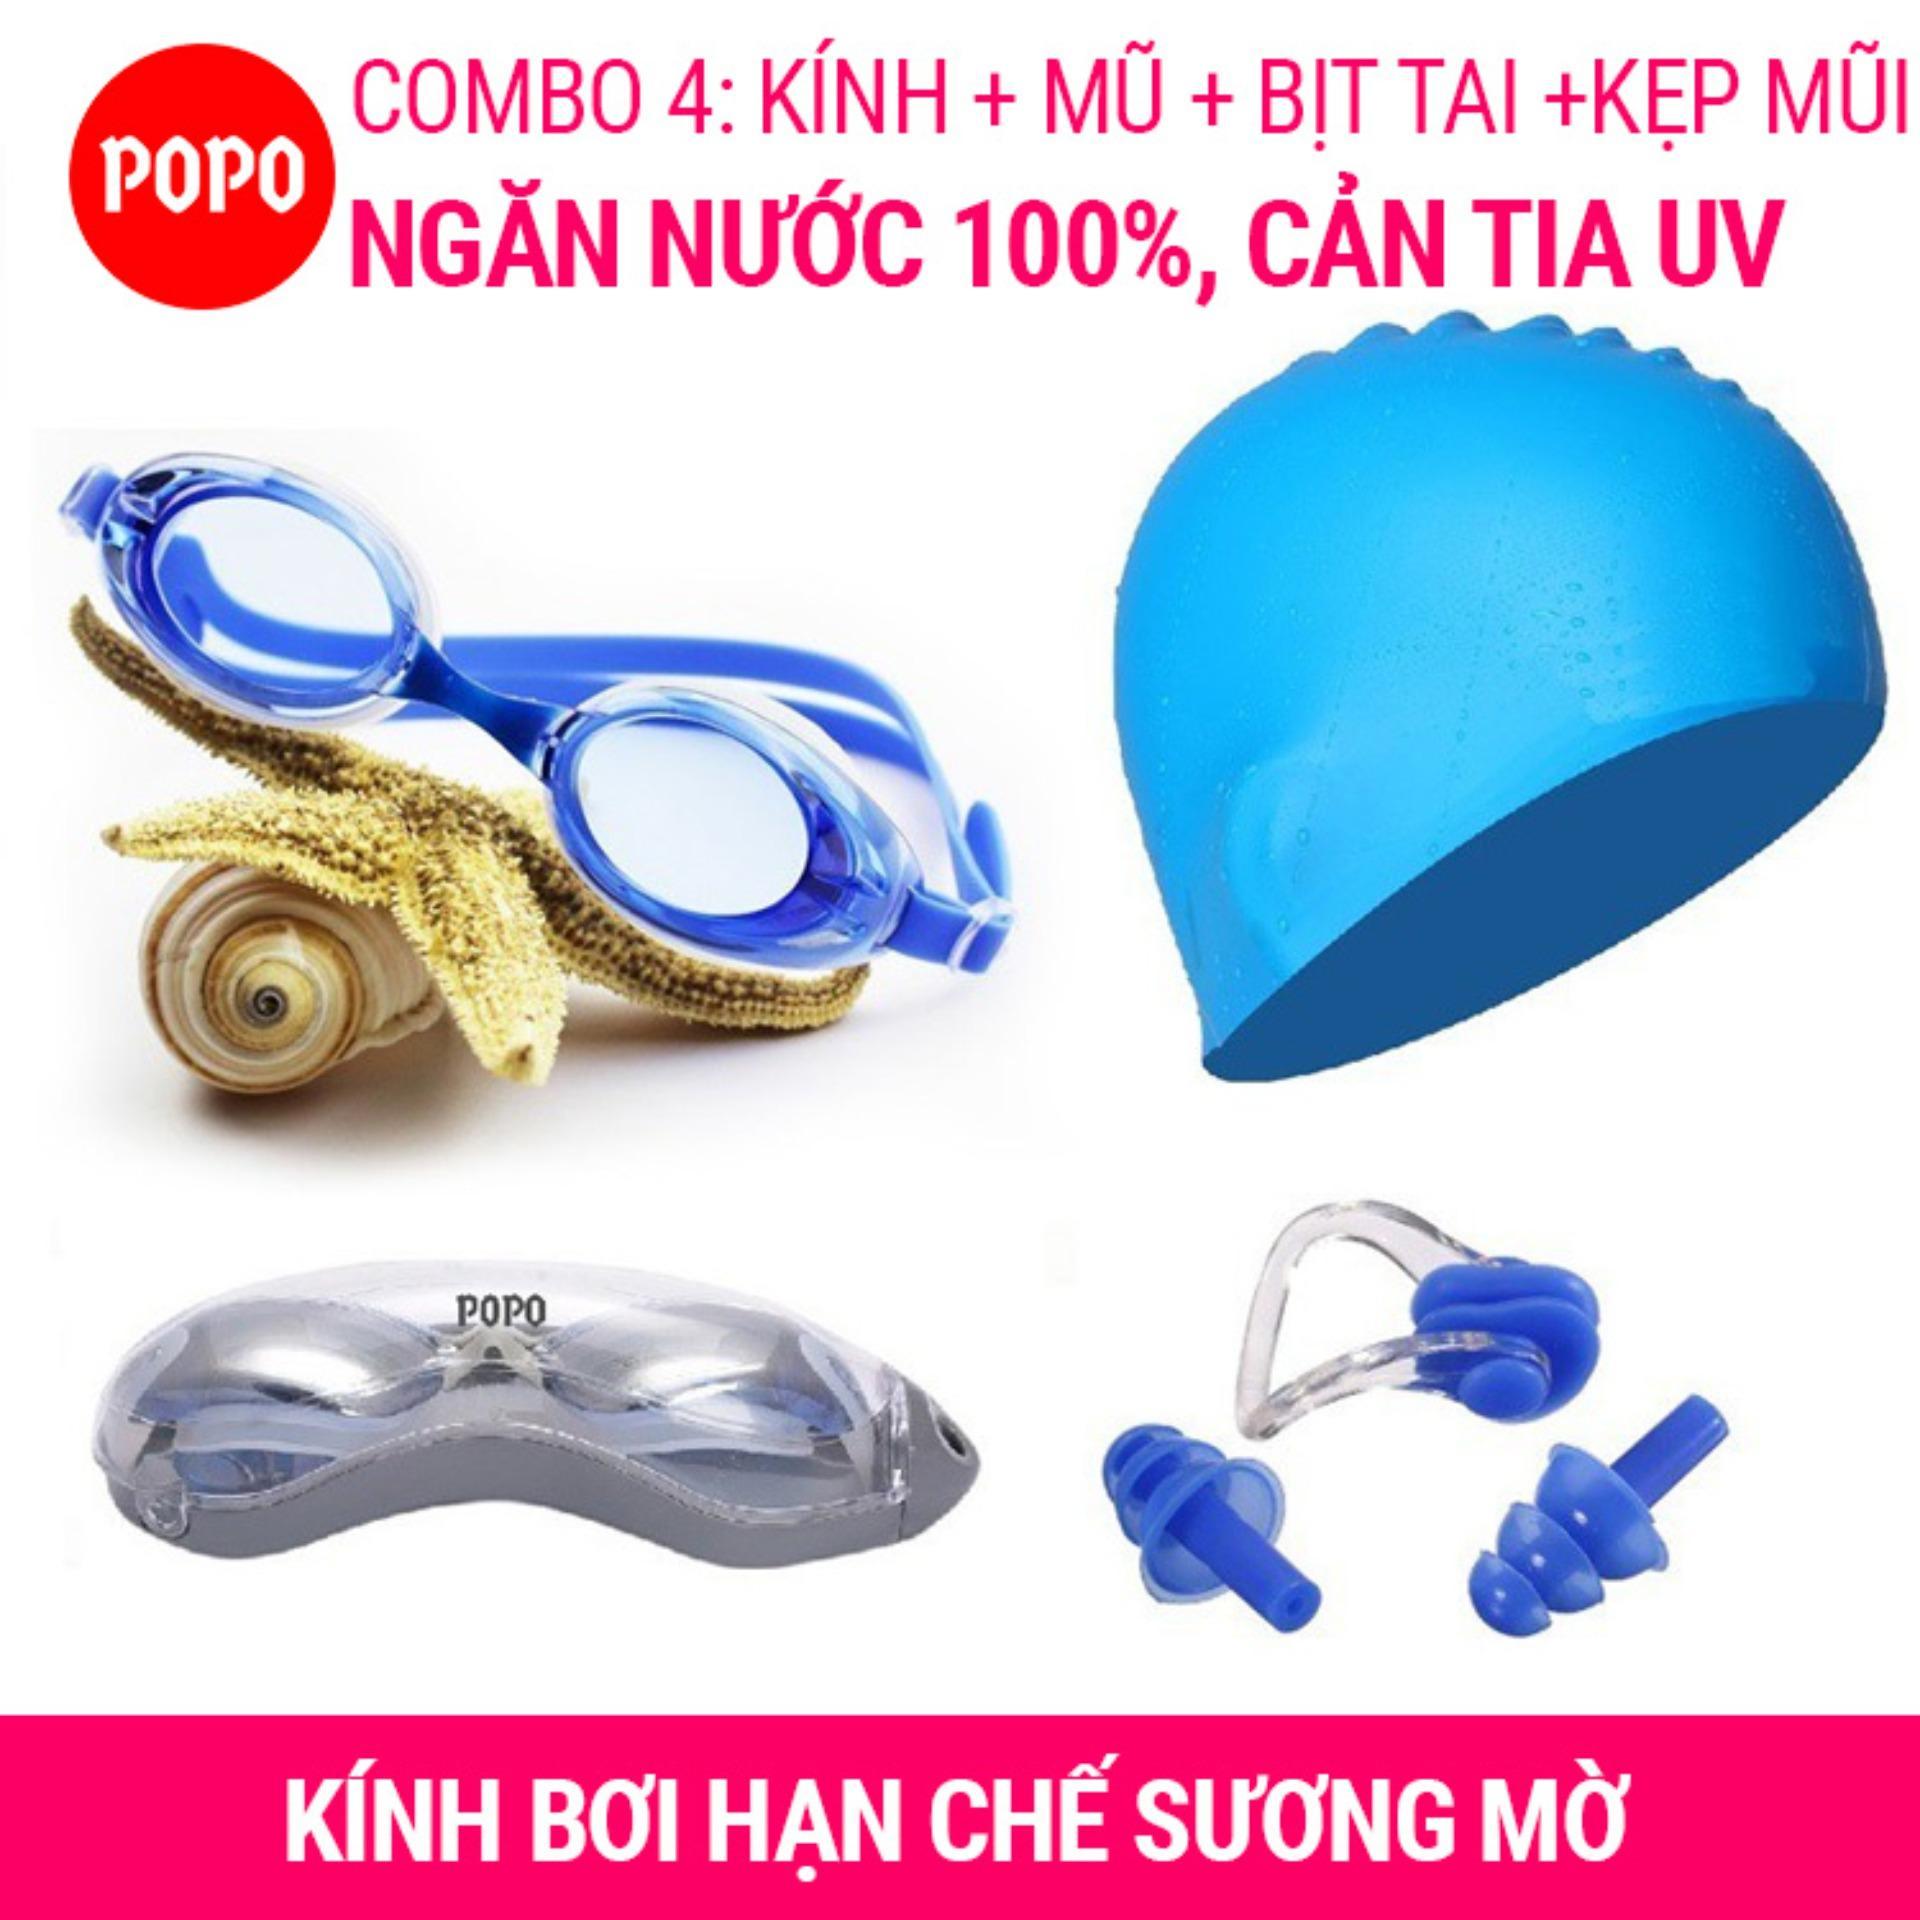 Kính Bơi Hiện đại 1153, Mũ Bơi Trơn, Bịt Tai Kẹp Mũi POPO Collection Mắt Kính Trong Chống Tia UV Chống Sương Mờ Khuyến Mãi Sốc